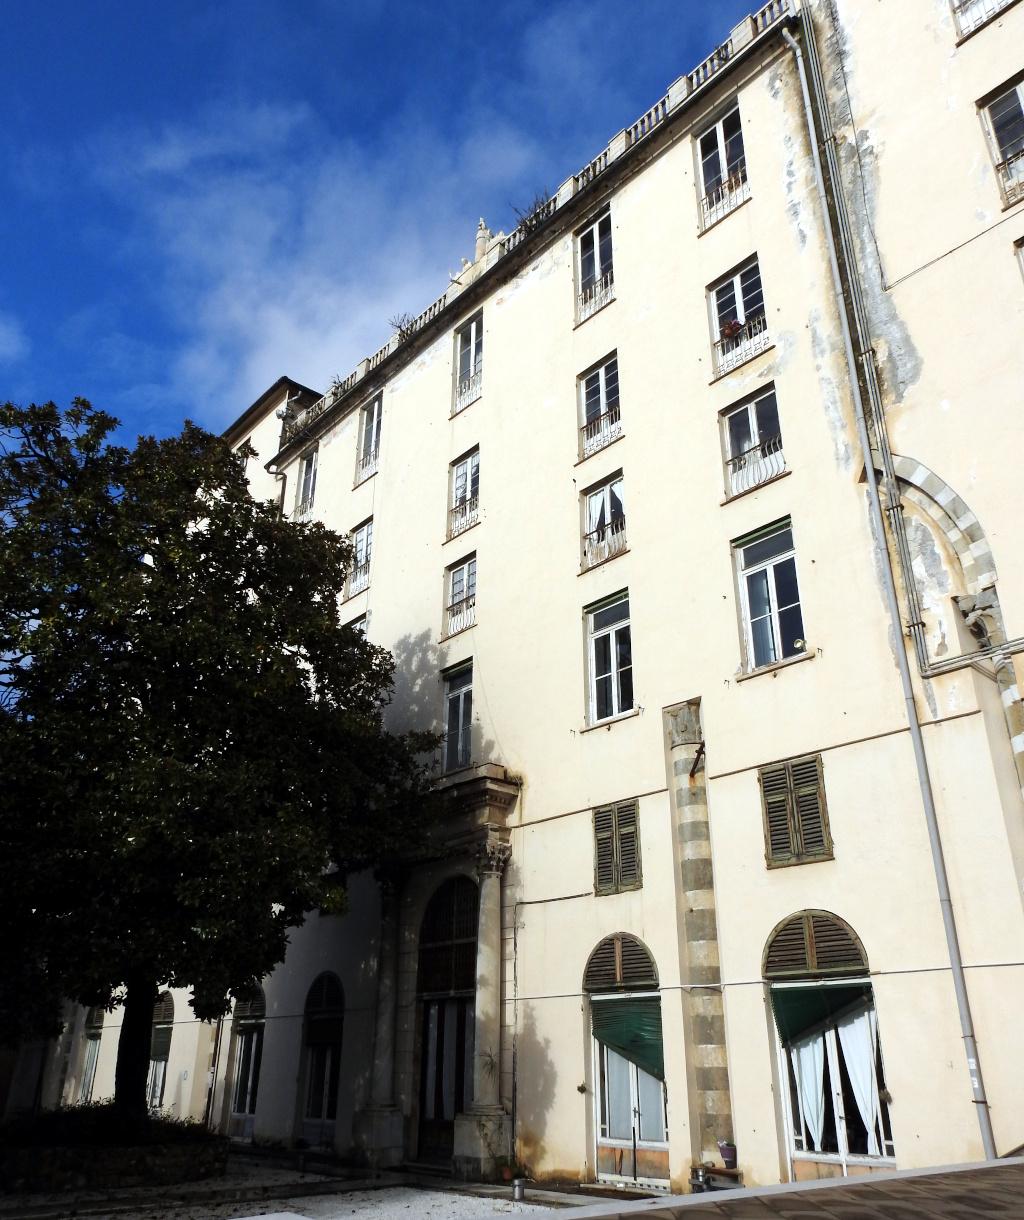 Palazzo Galliera